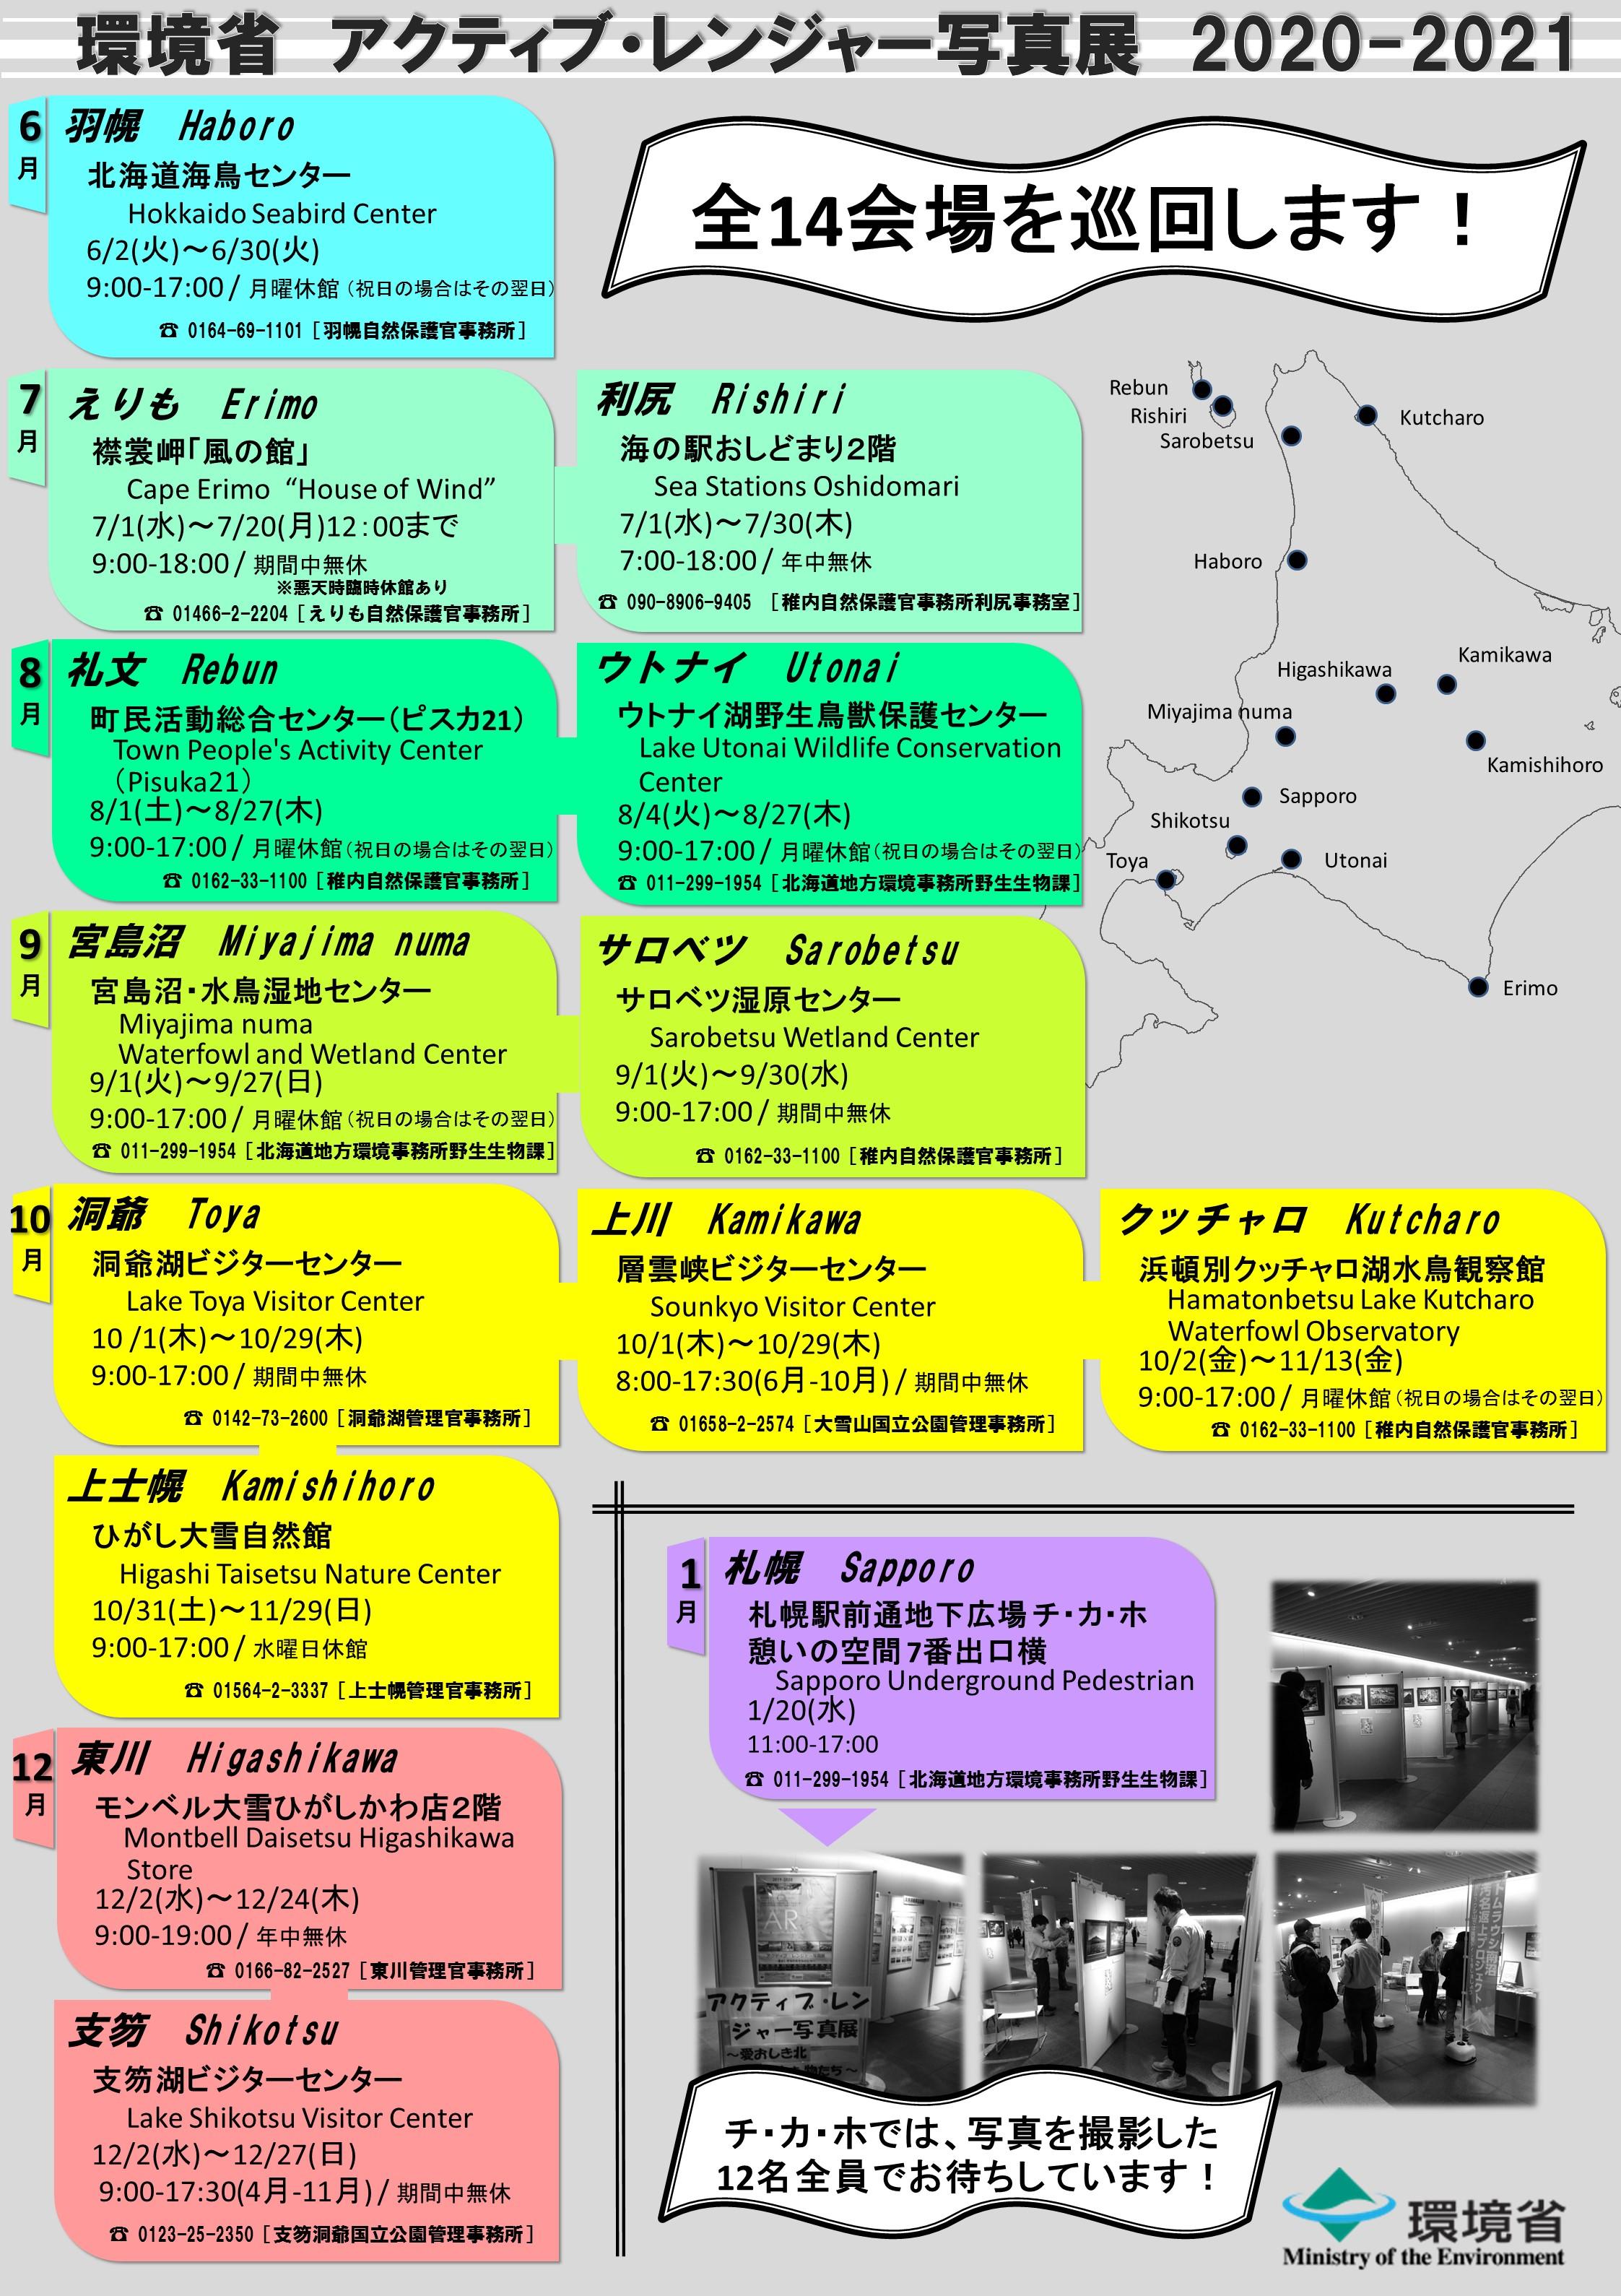 図 北海道 コロナ 分布